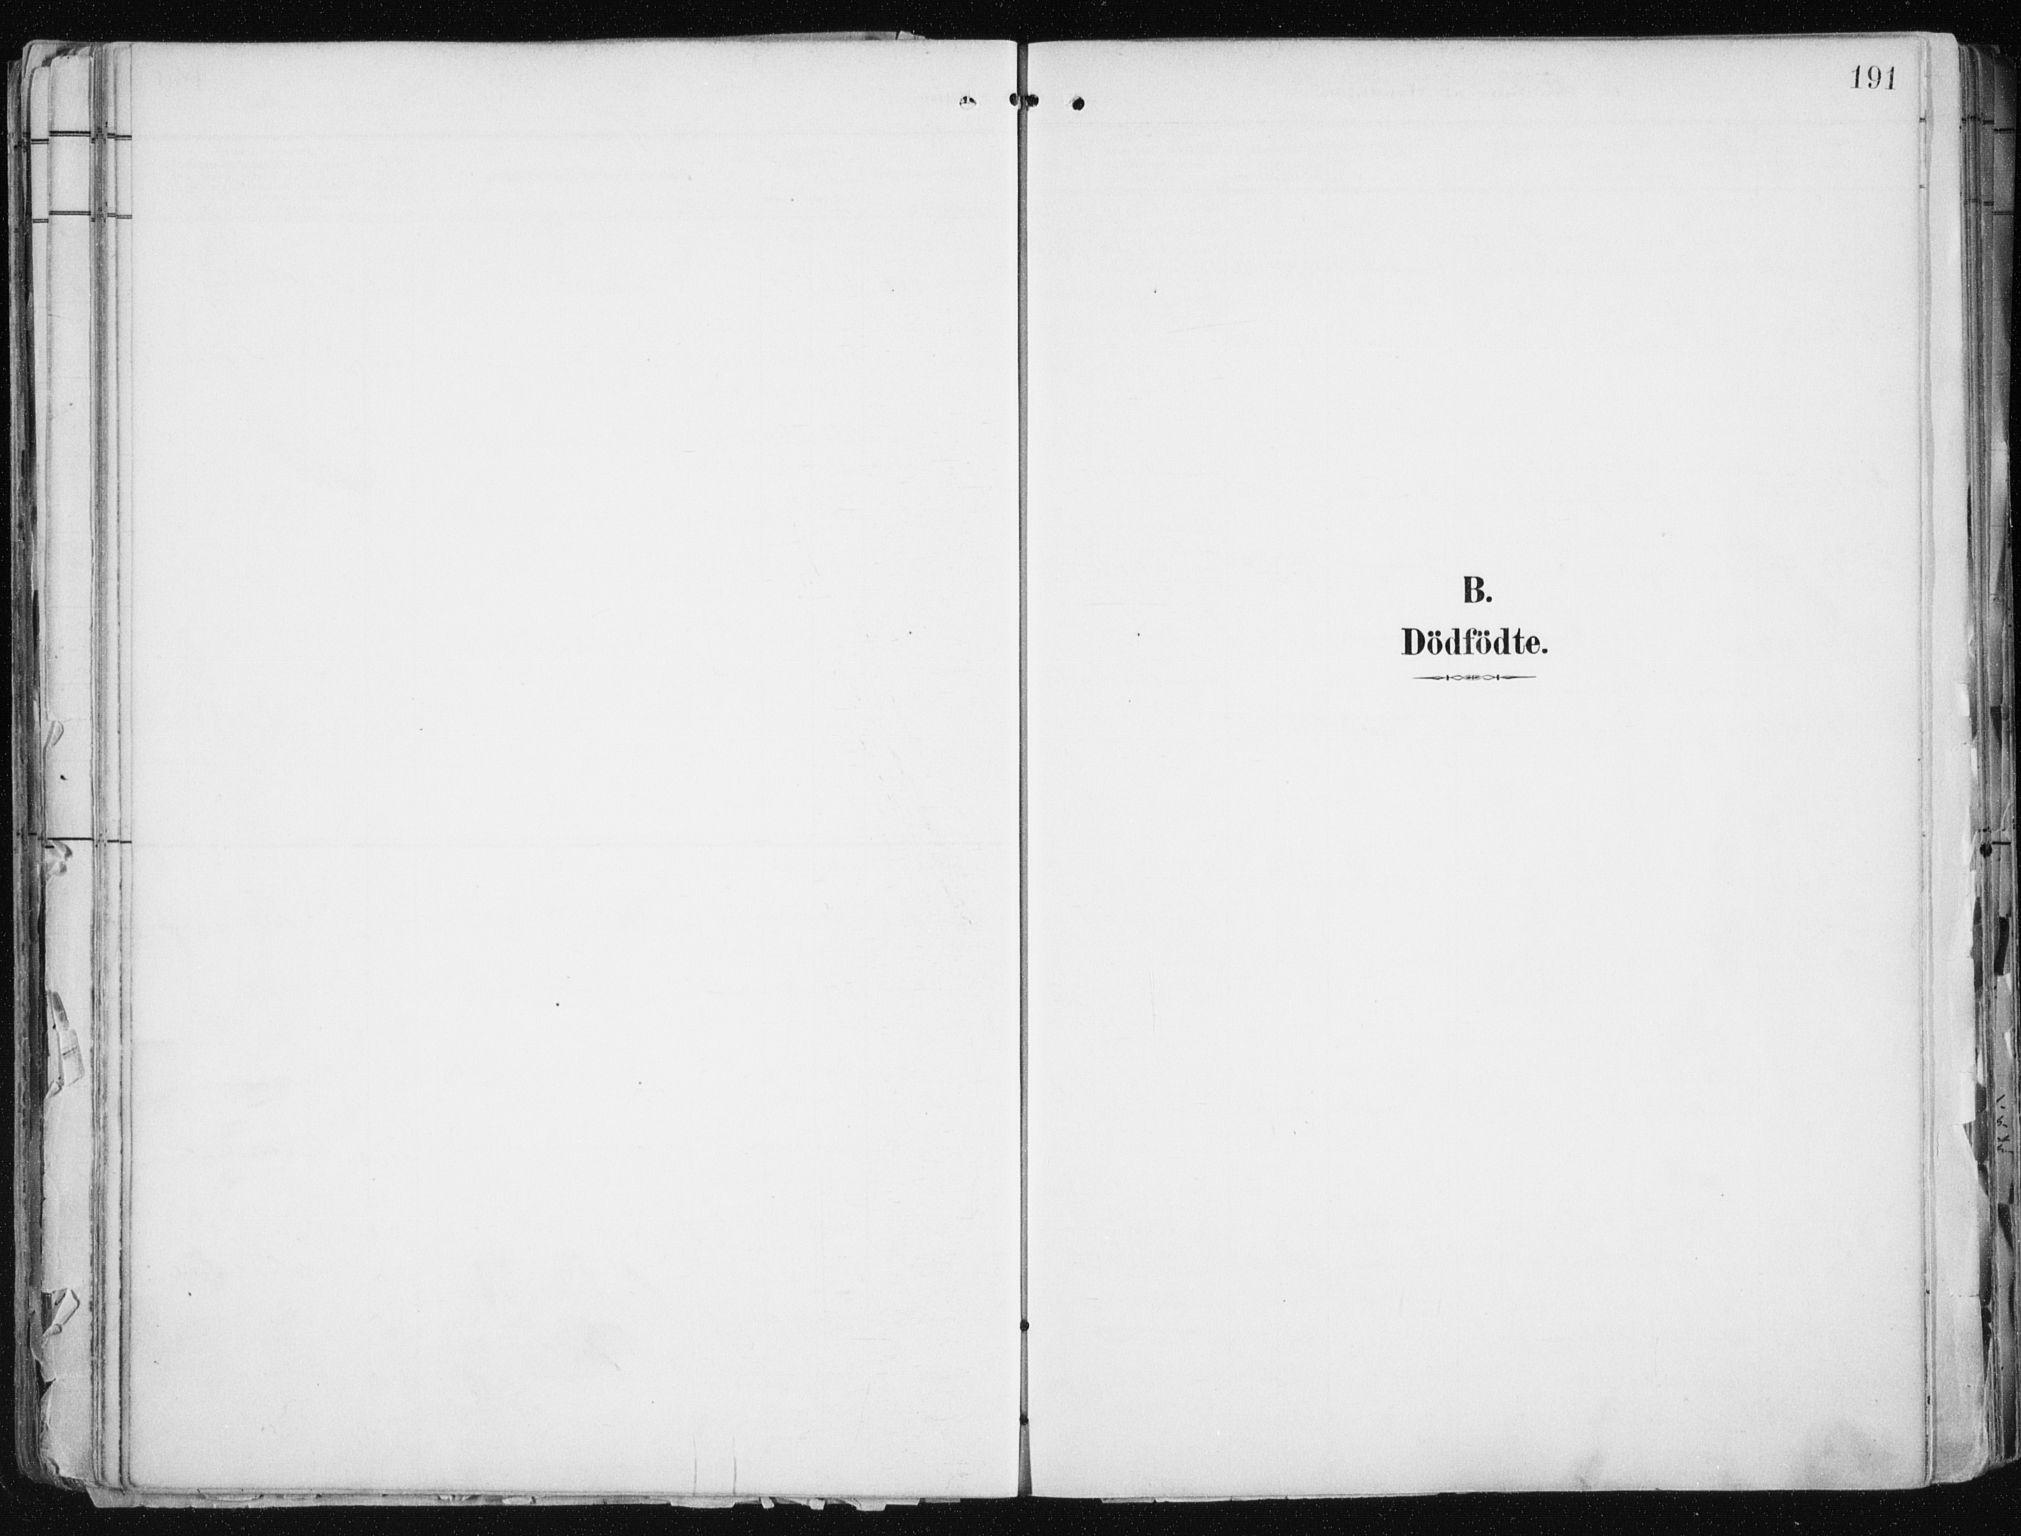 SATØ, Tromsø sokneprestkontor/stiftsprosti/domprosti, G/Ga/L0015kirke: Ministerialbok nr. 15, 1889-1899, s. 191